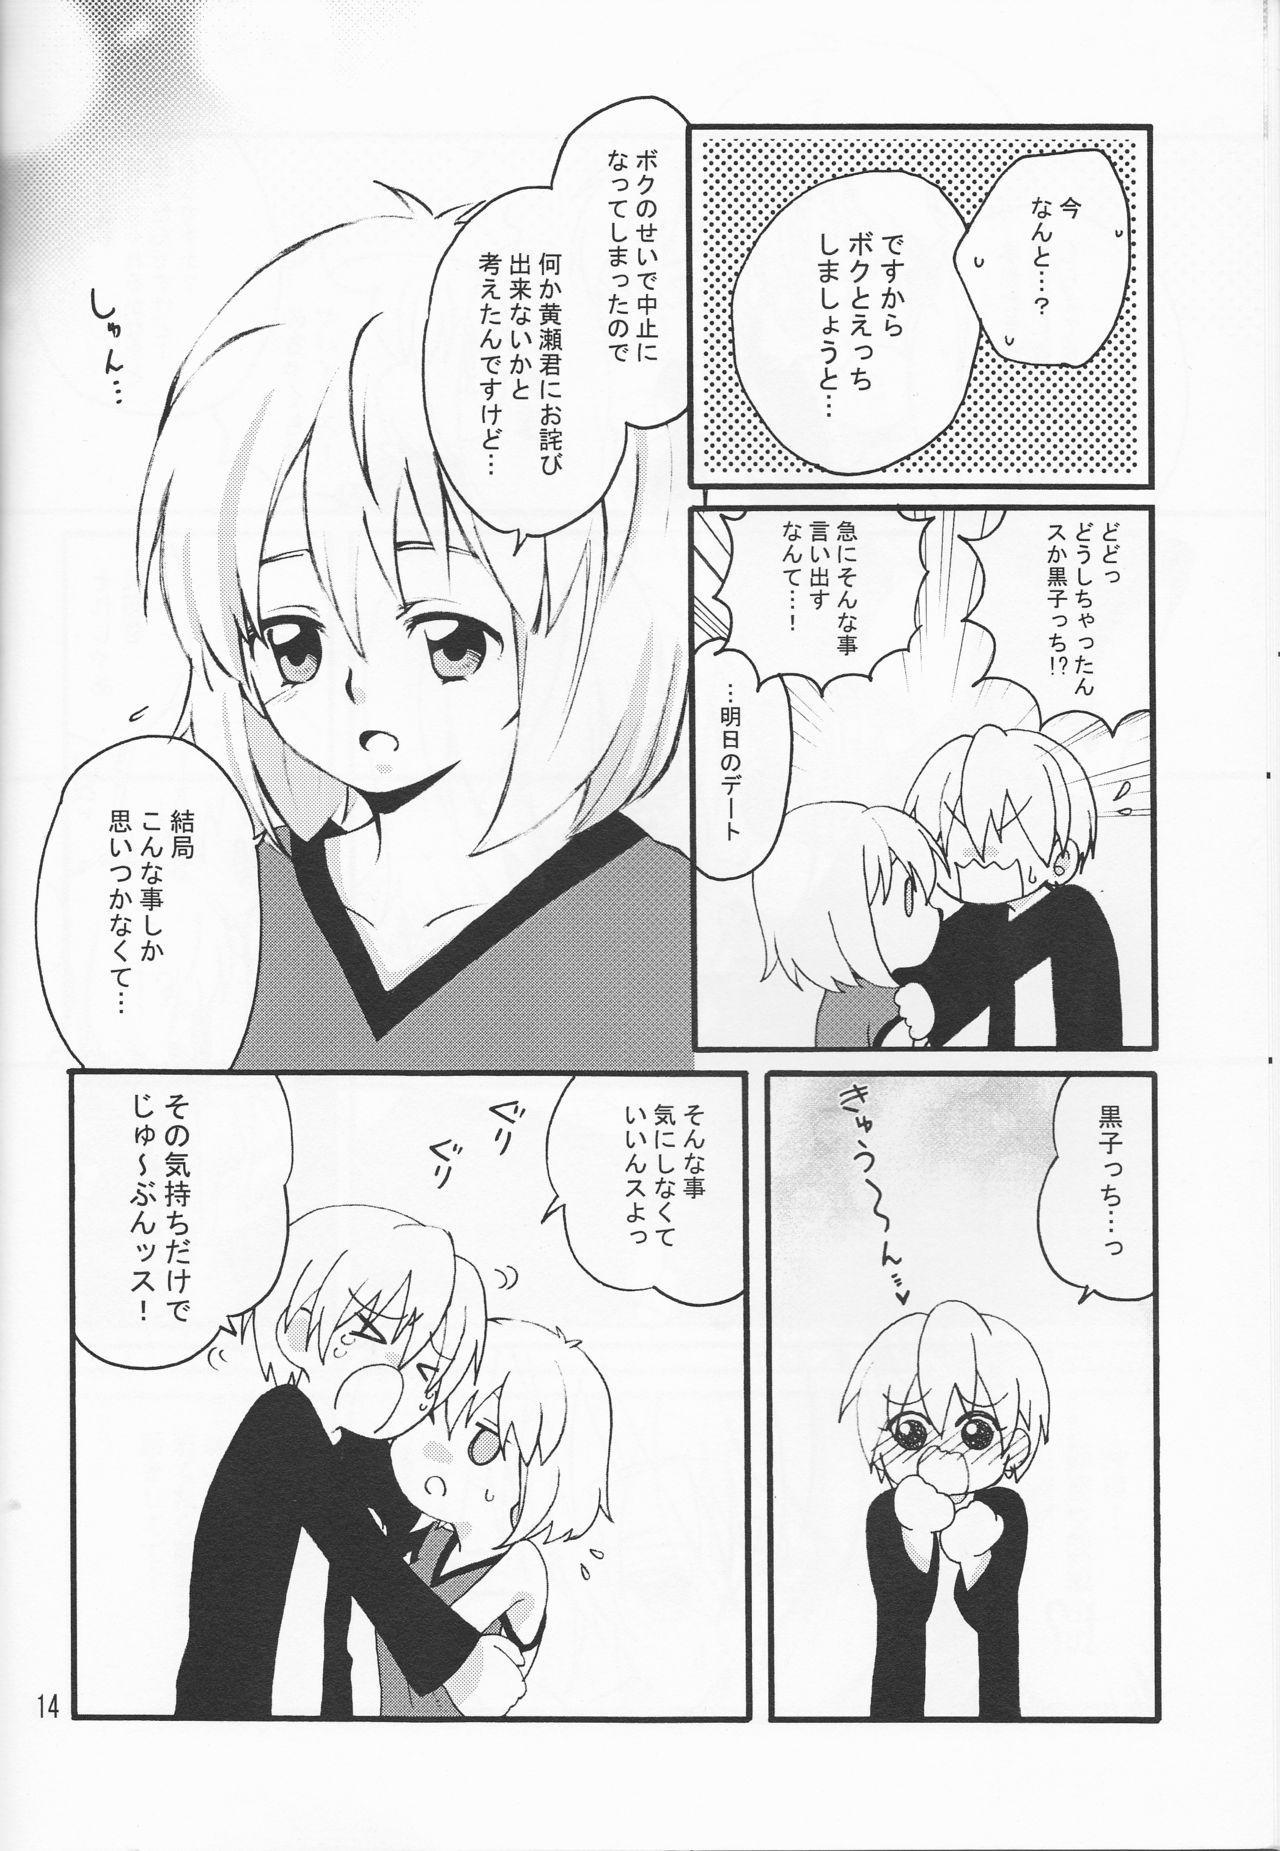 Ore no Kurokocchi ga Onnanoko ni Nacchattassu! 13